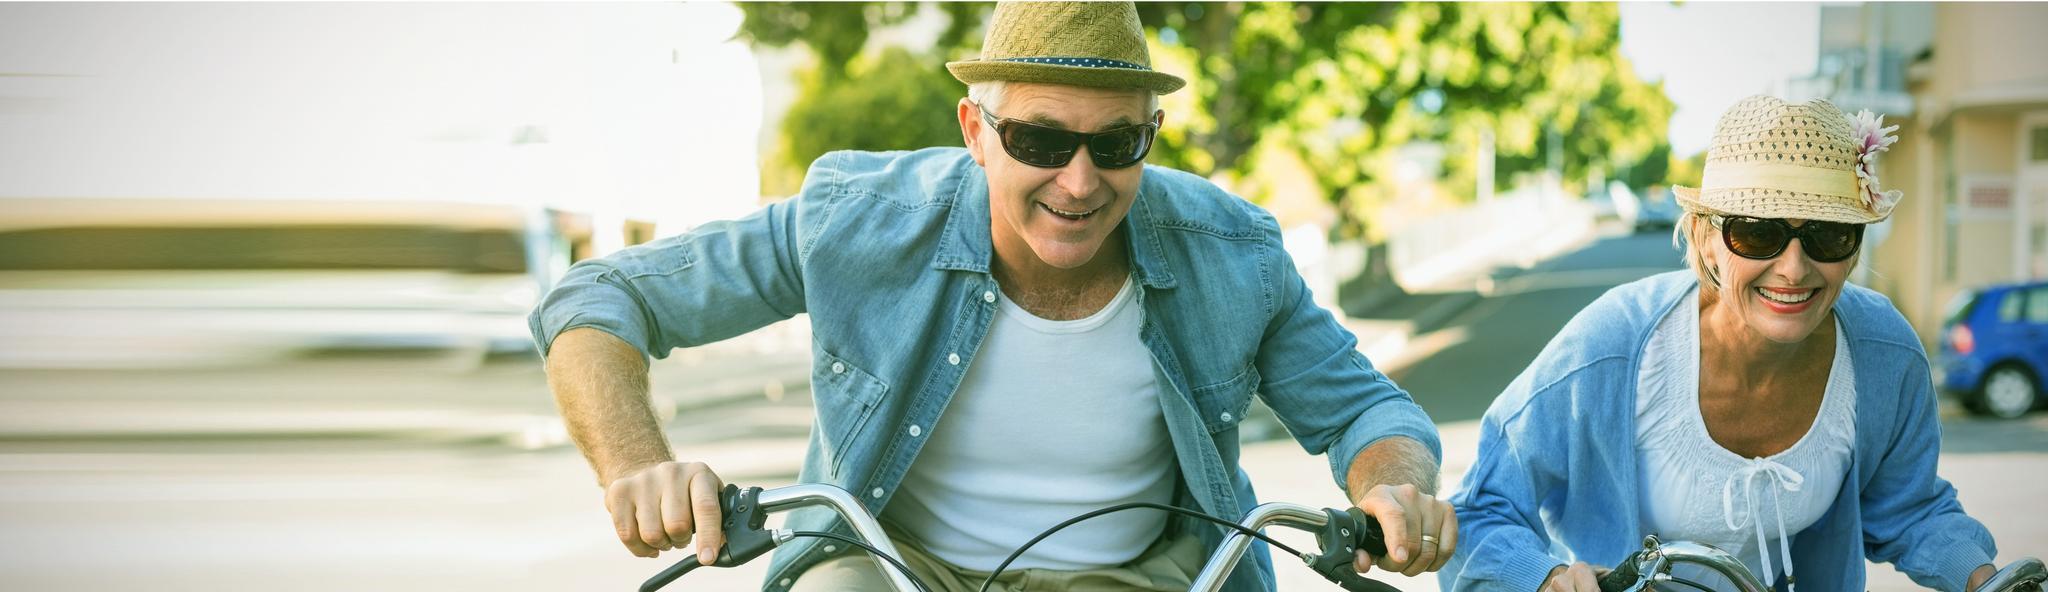 Seniorenpaar mit Hut und Sonnenbrille fährt Fahrrad um die Wette